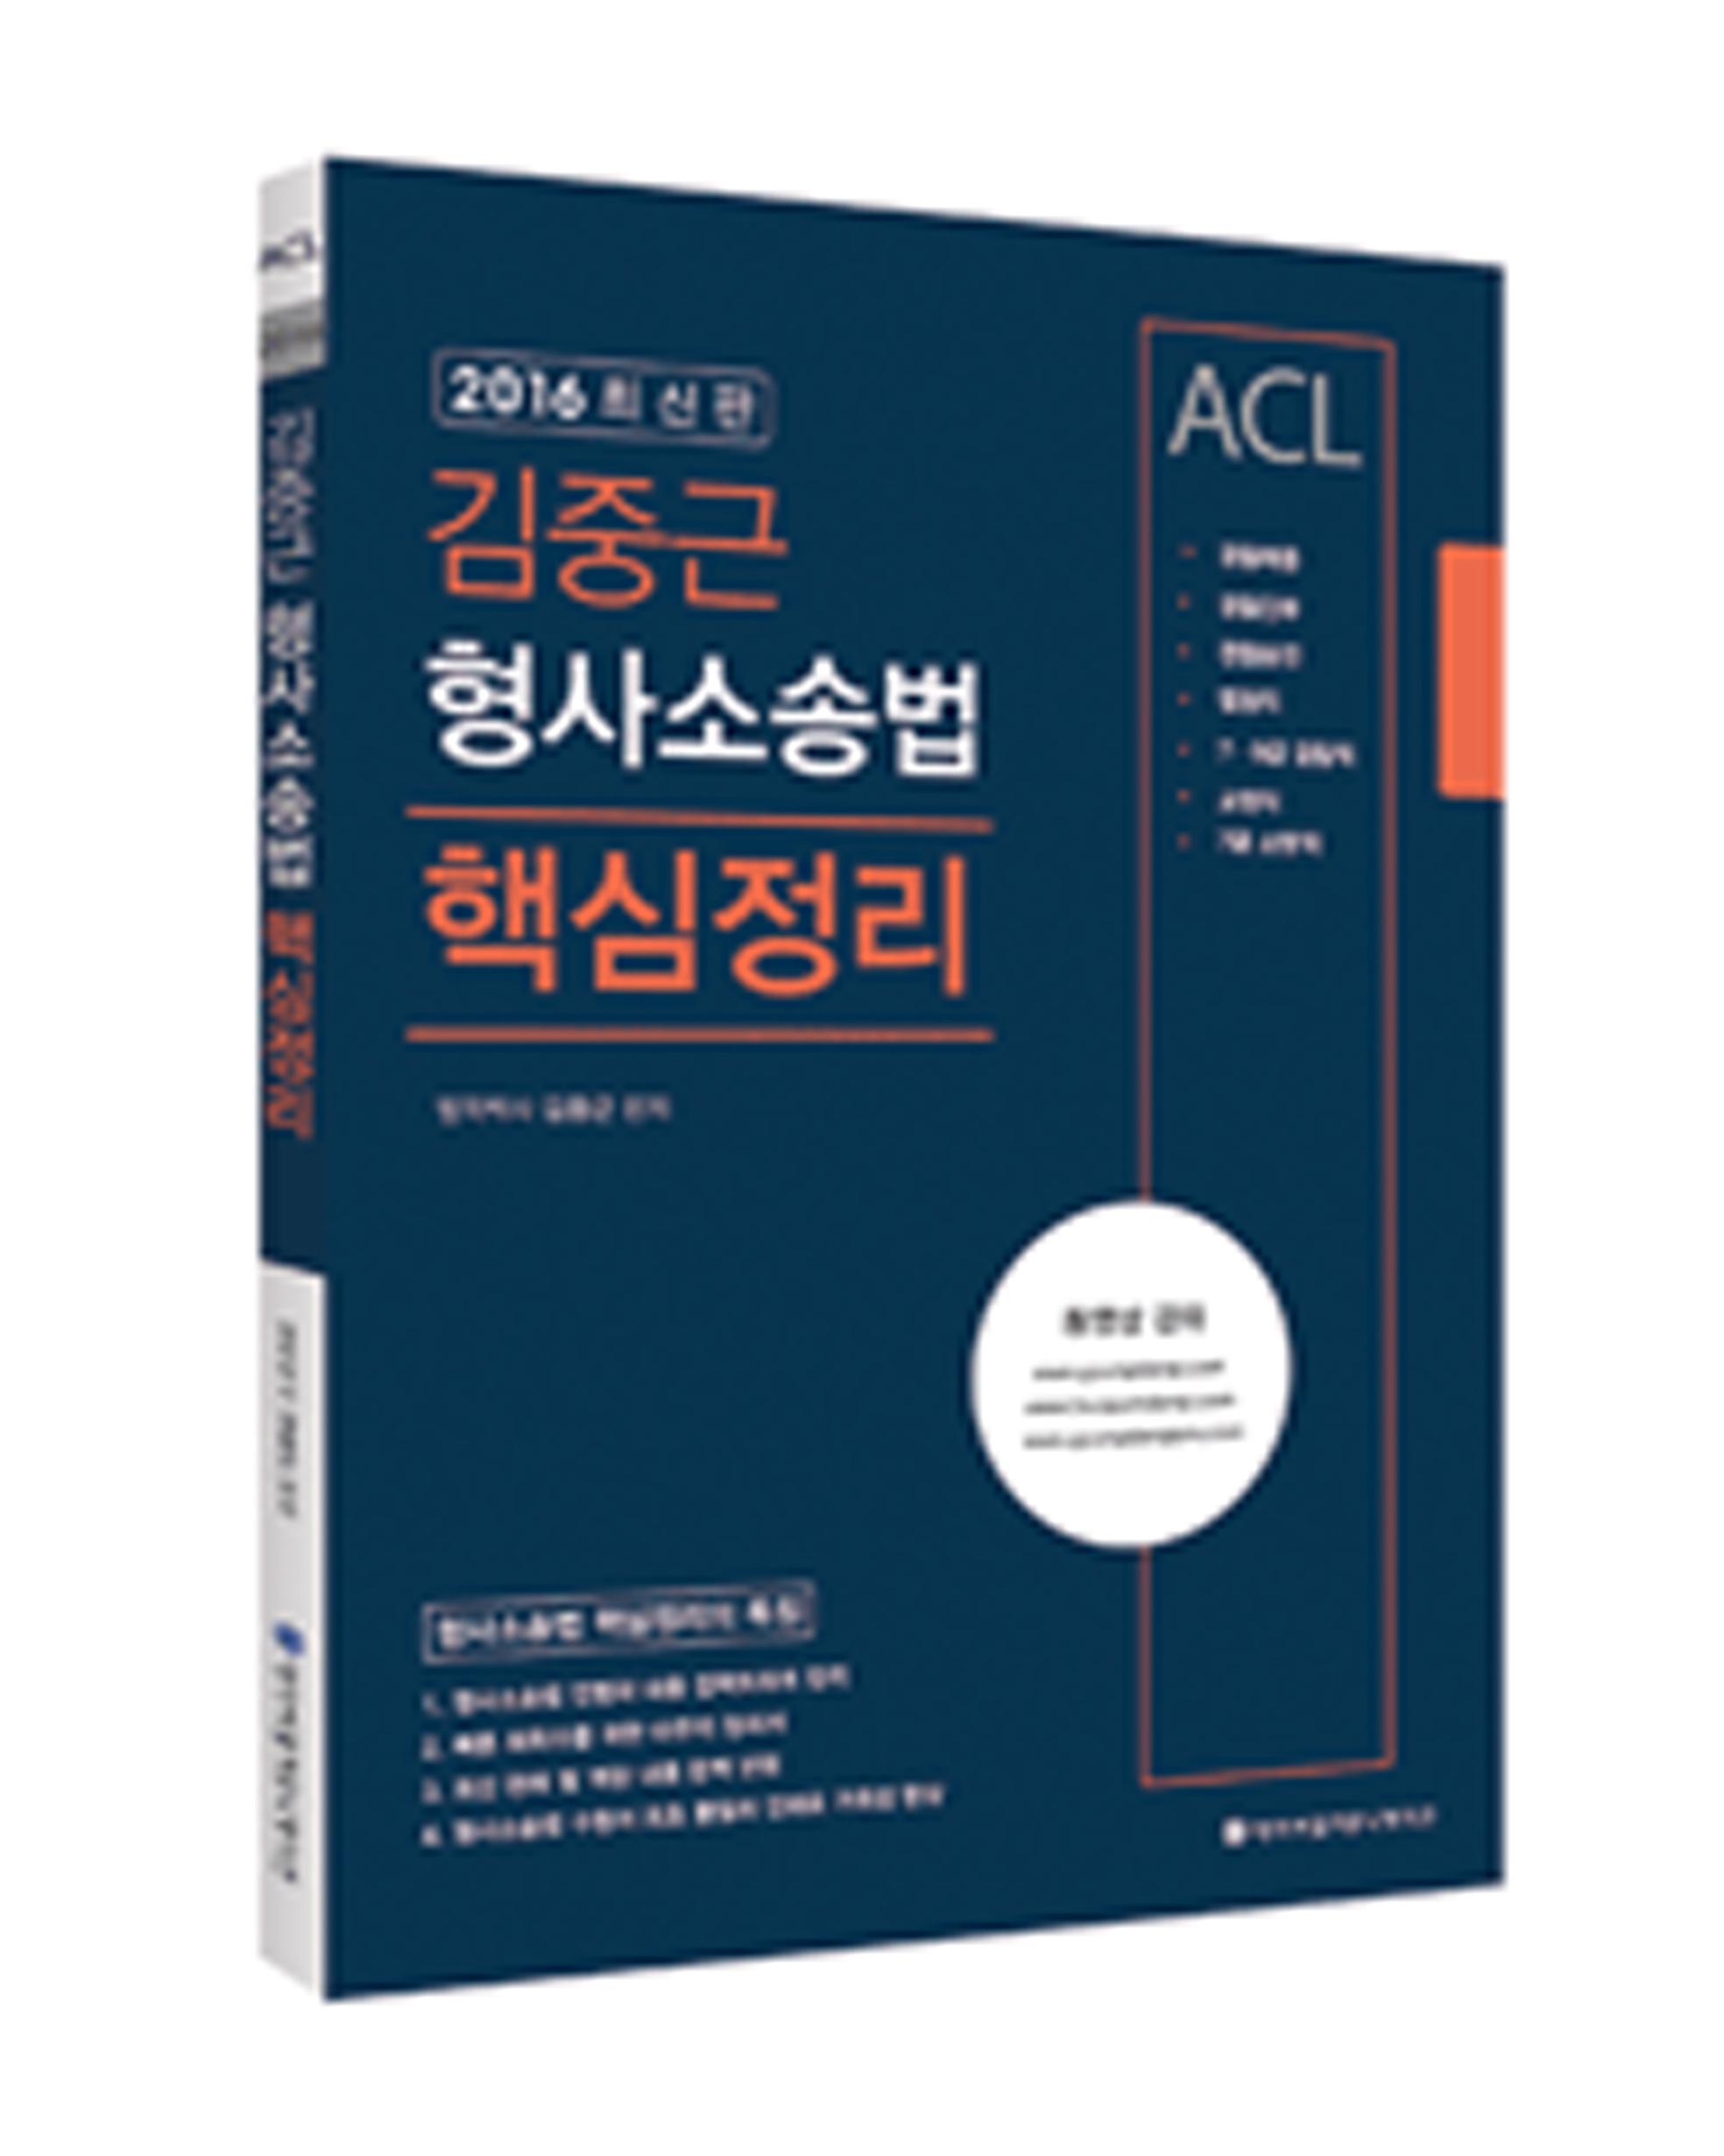 2016 김중근 형사소송법 핵심정리